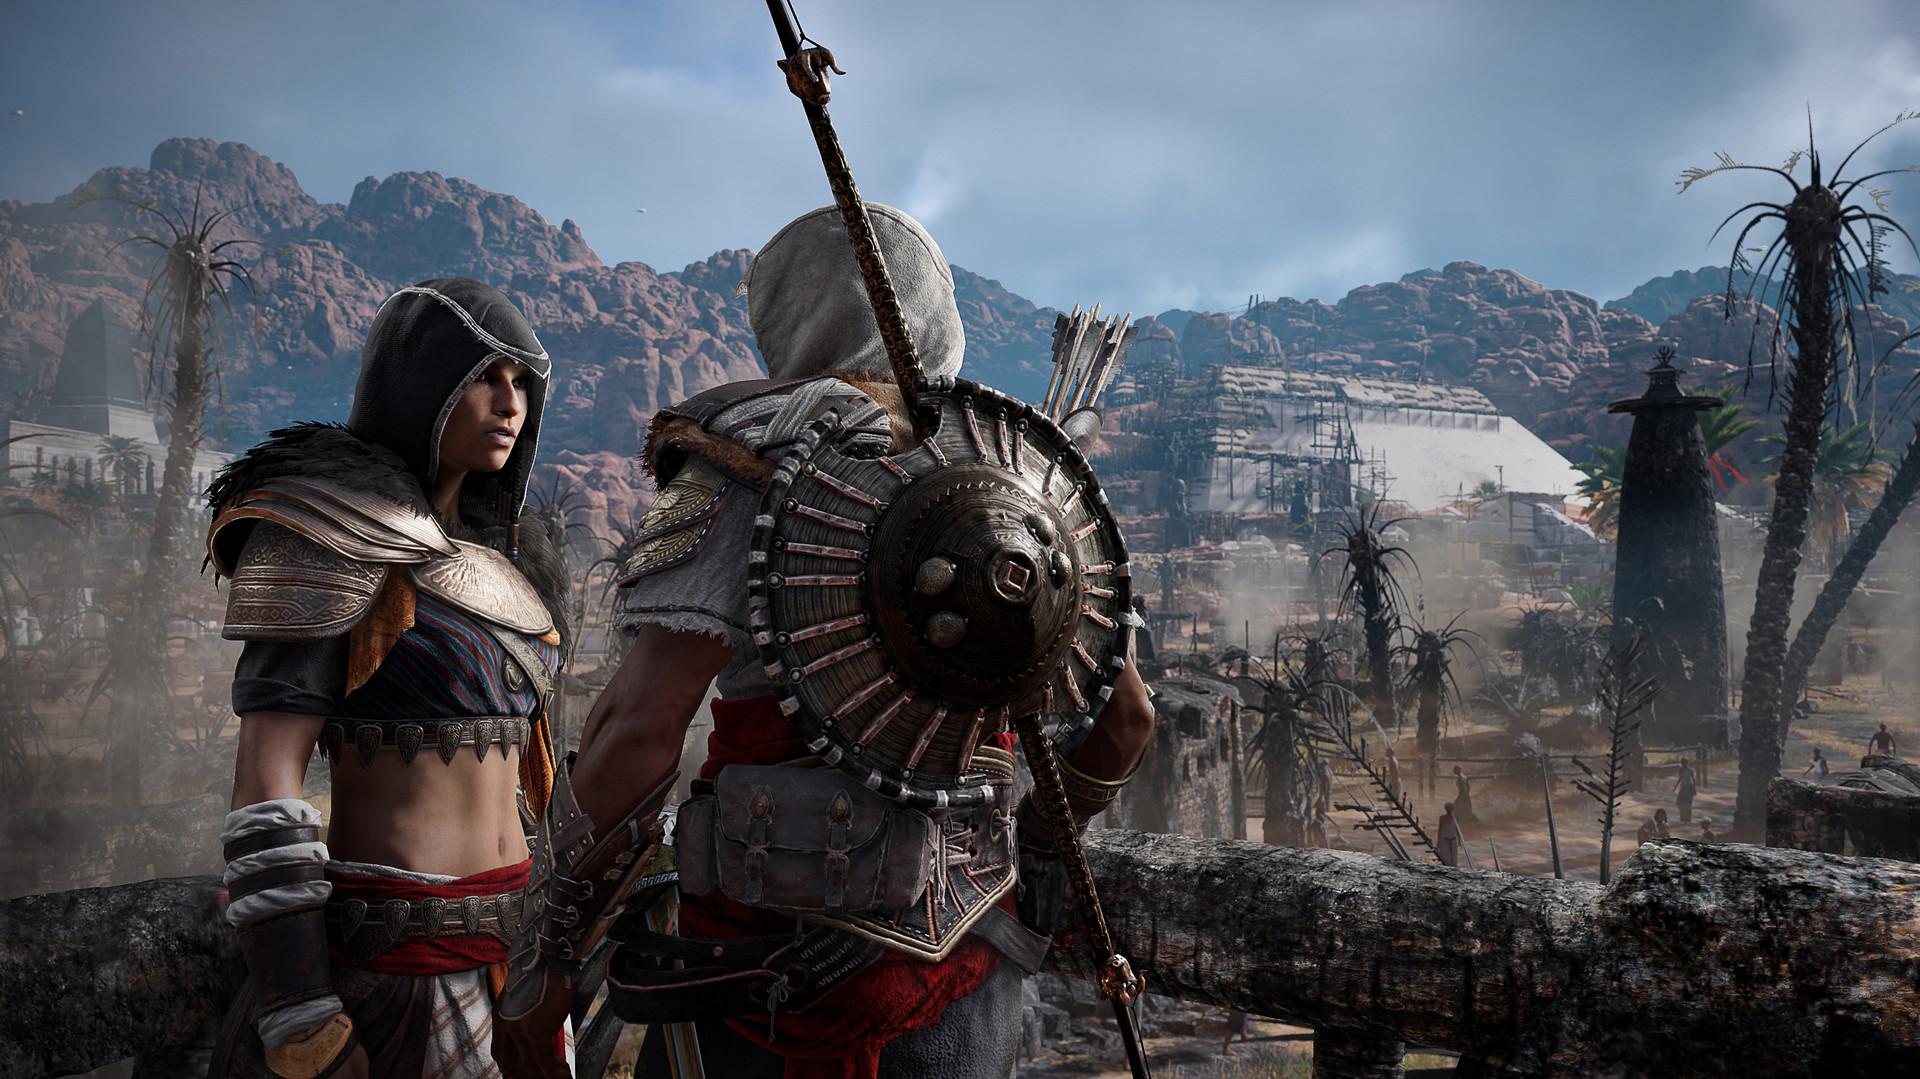 Ubisoft anunció que durante este fin de semana se podrá jugar de forma gratuita a Assassin's Creed Origins en PC